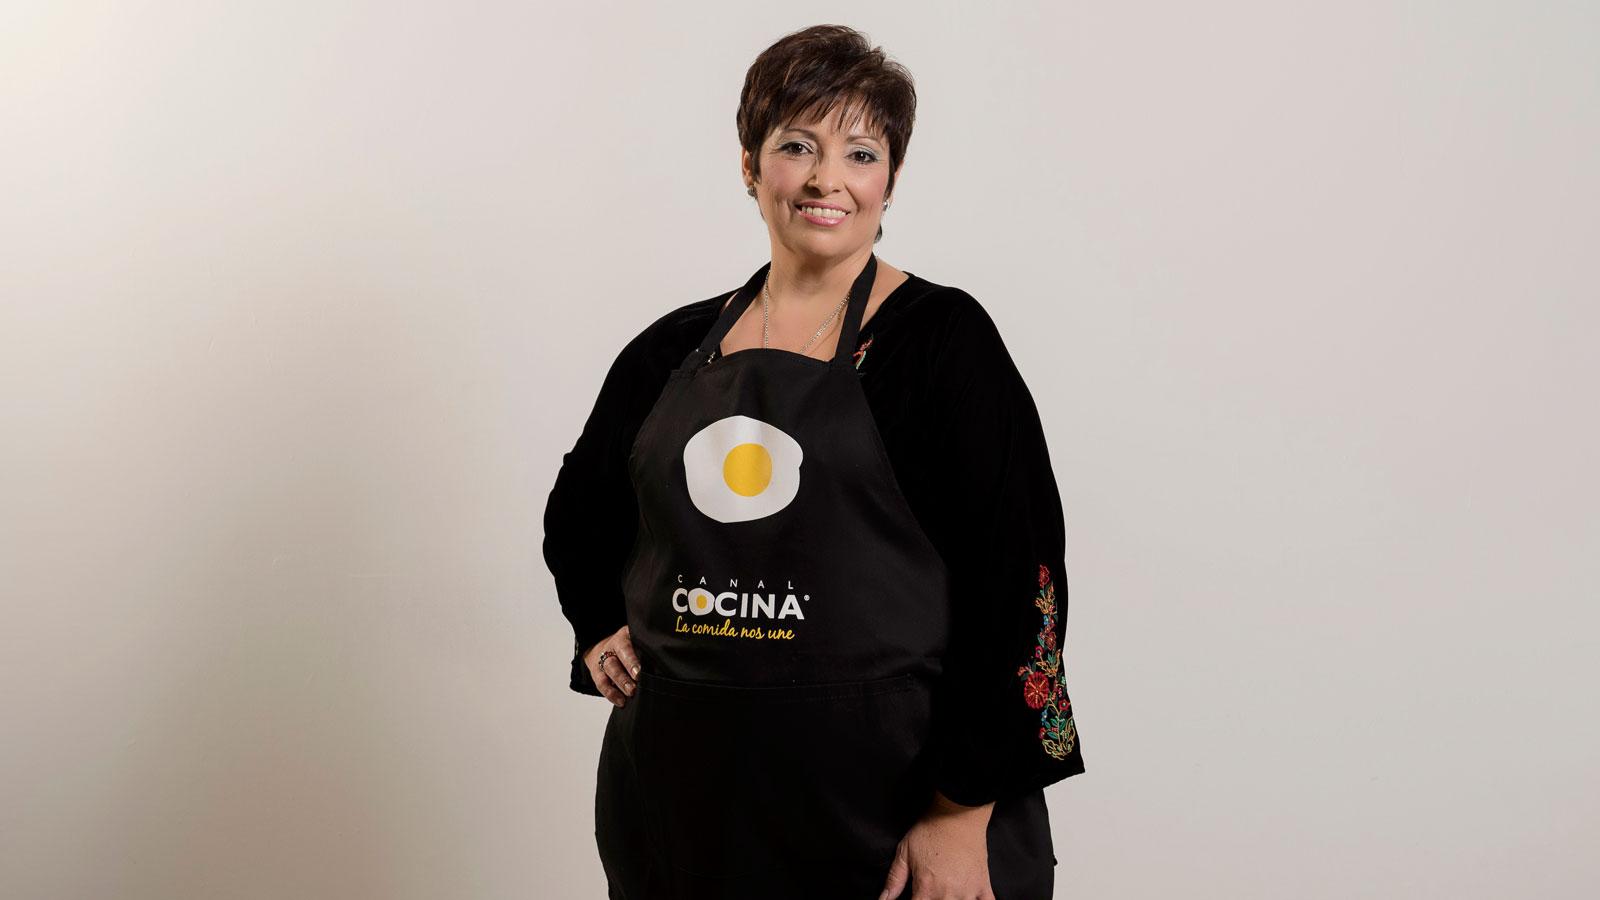 Loli dom nguez cocineros canal cocina for Cocineros de canal cocina